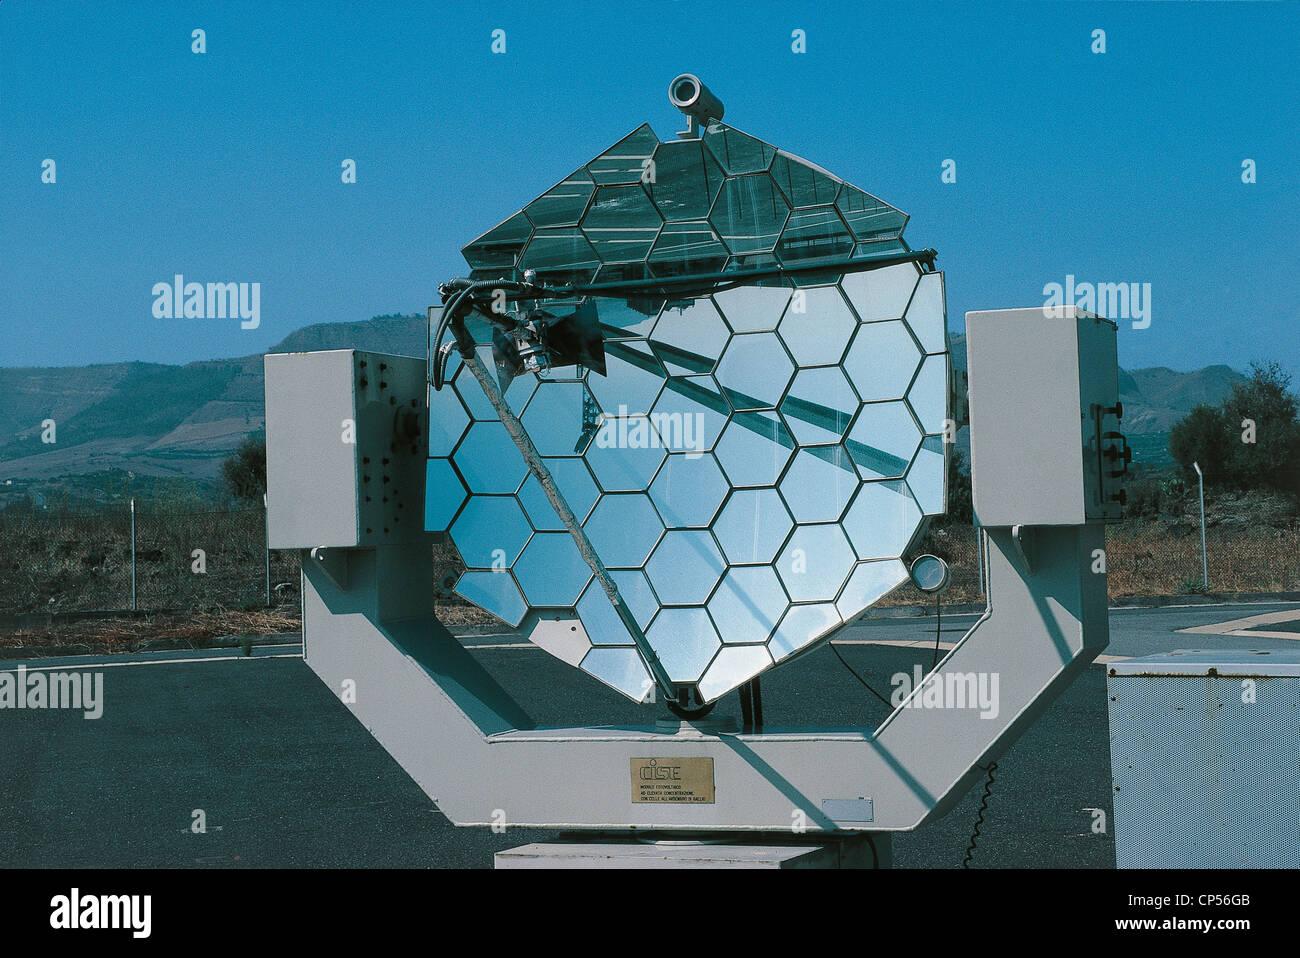 Energia Solare In Sicilia sicilia - adrano (ct). specchi in energia solare foto